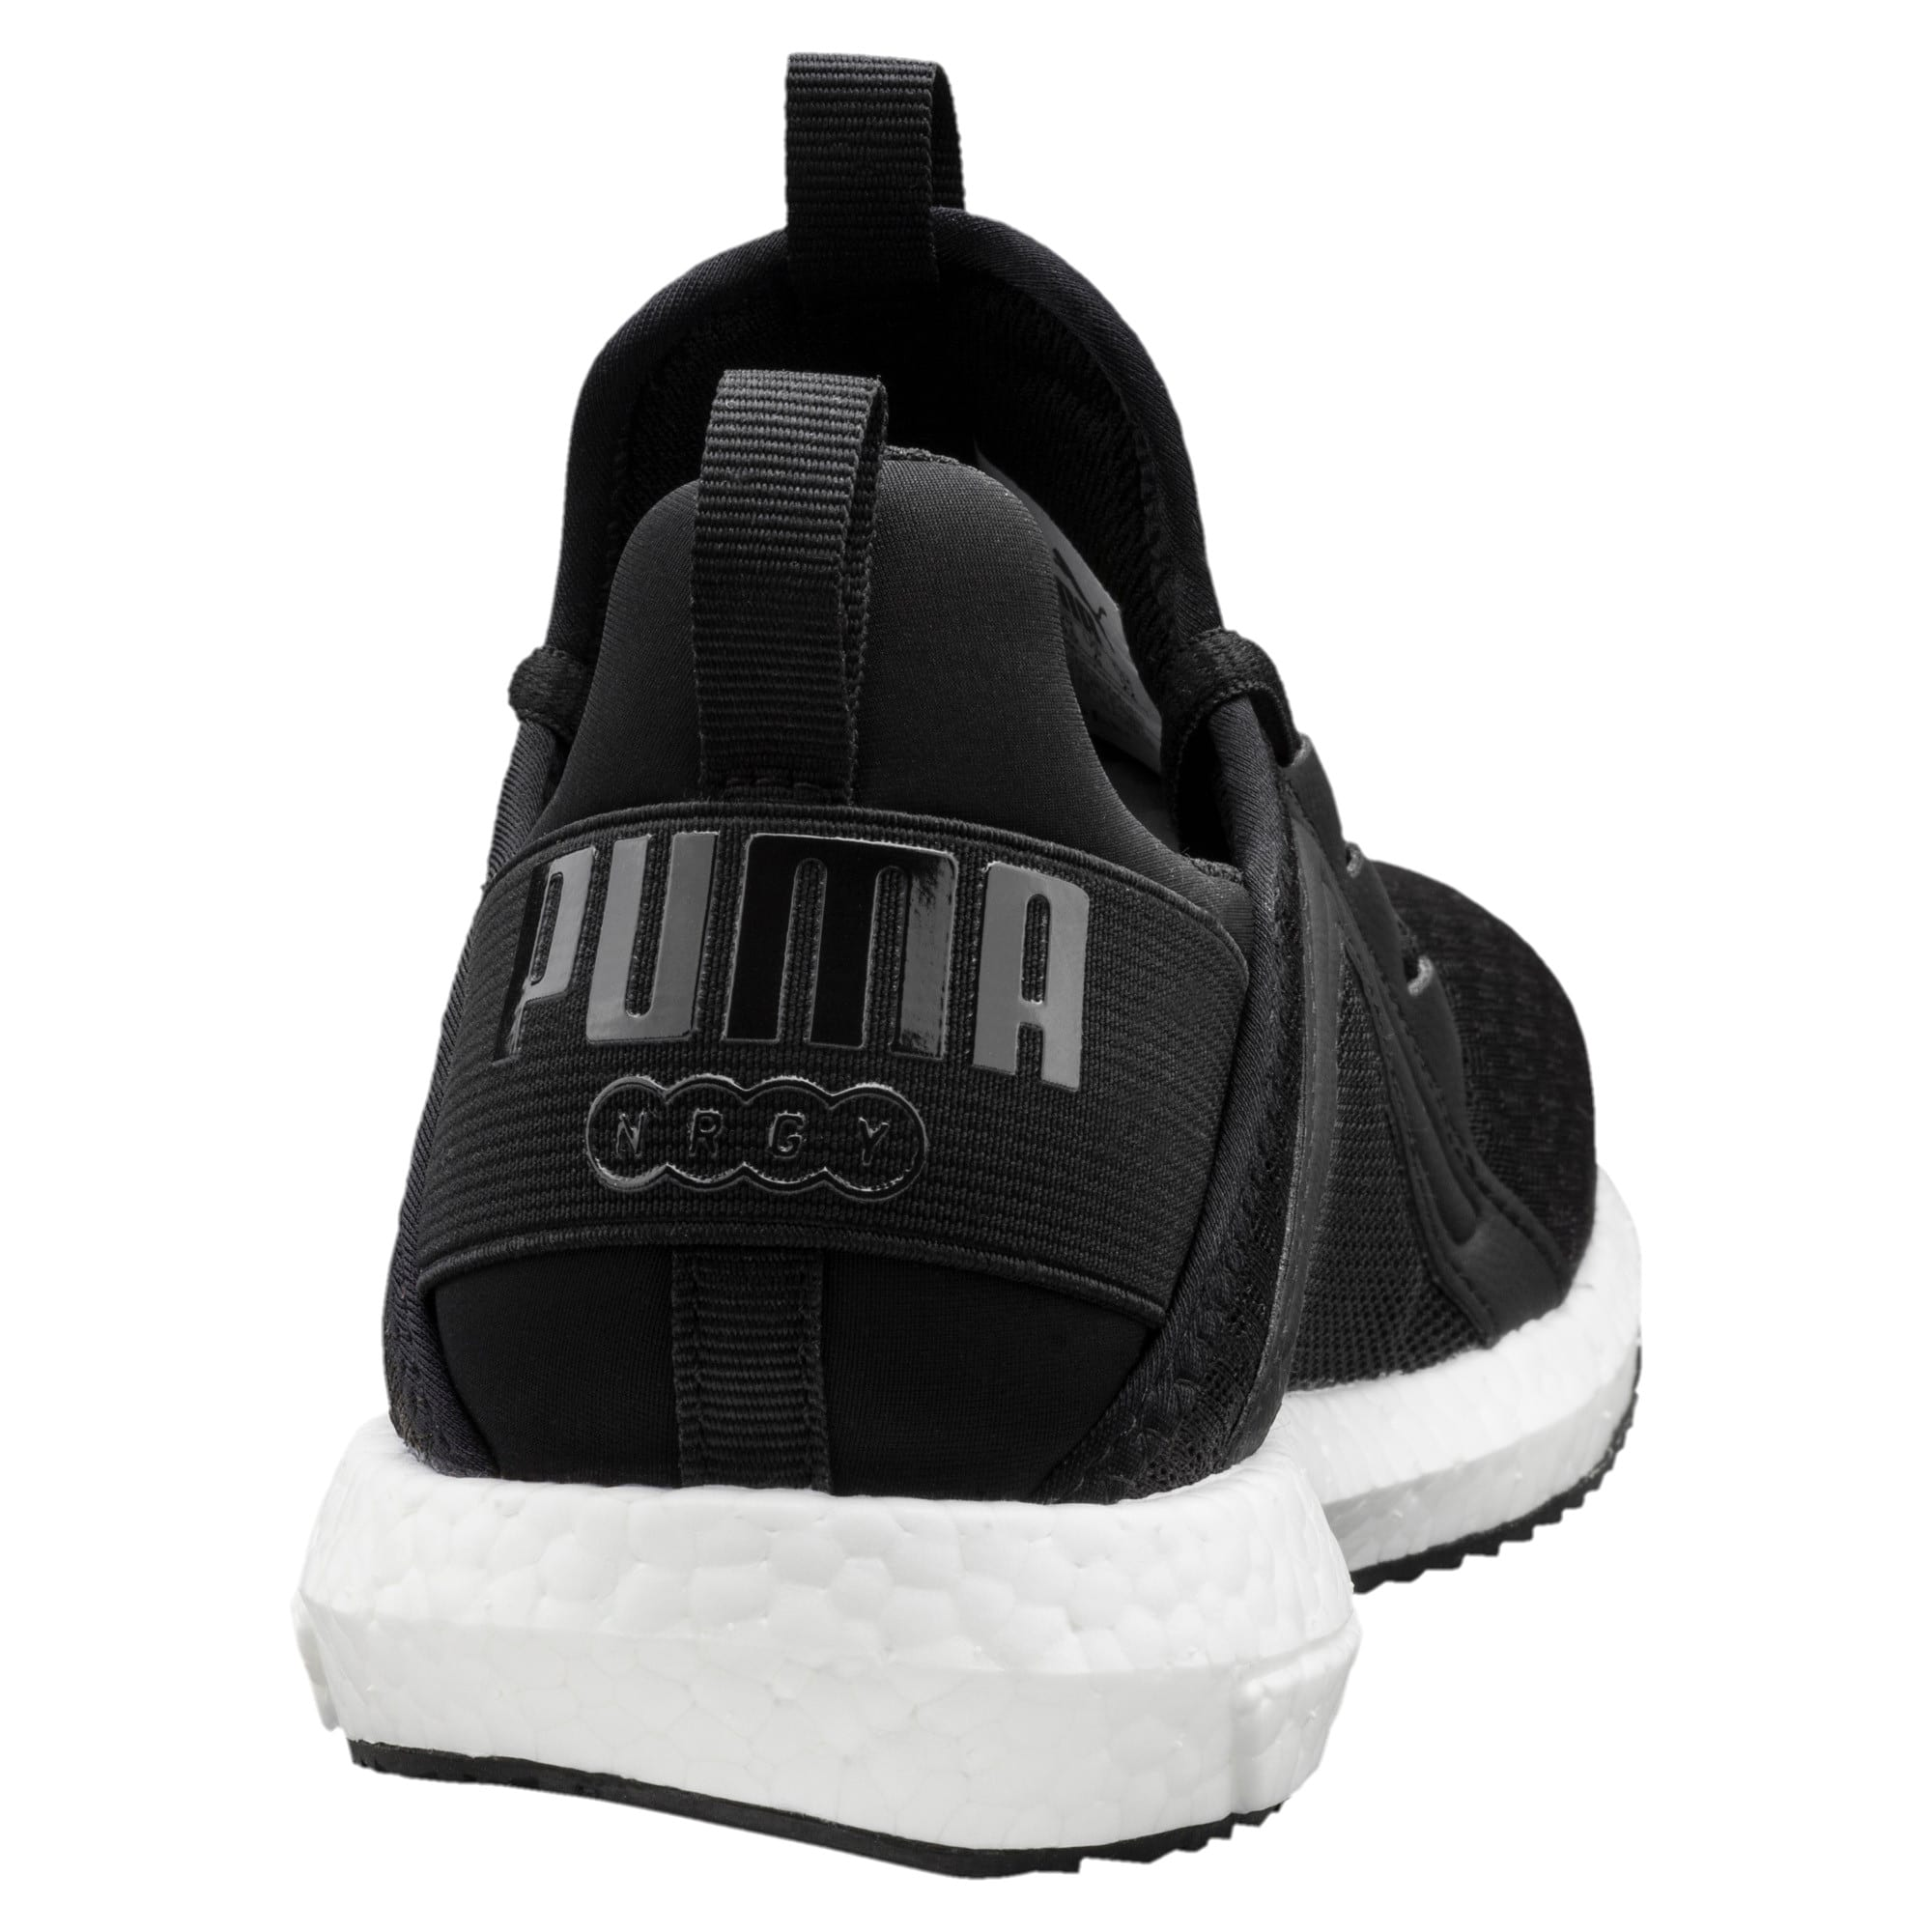 Thumbnail 4 of Mega NRGY AC Kids' Trainers, Puma Black-Puma Black, medium-IND